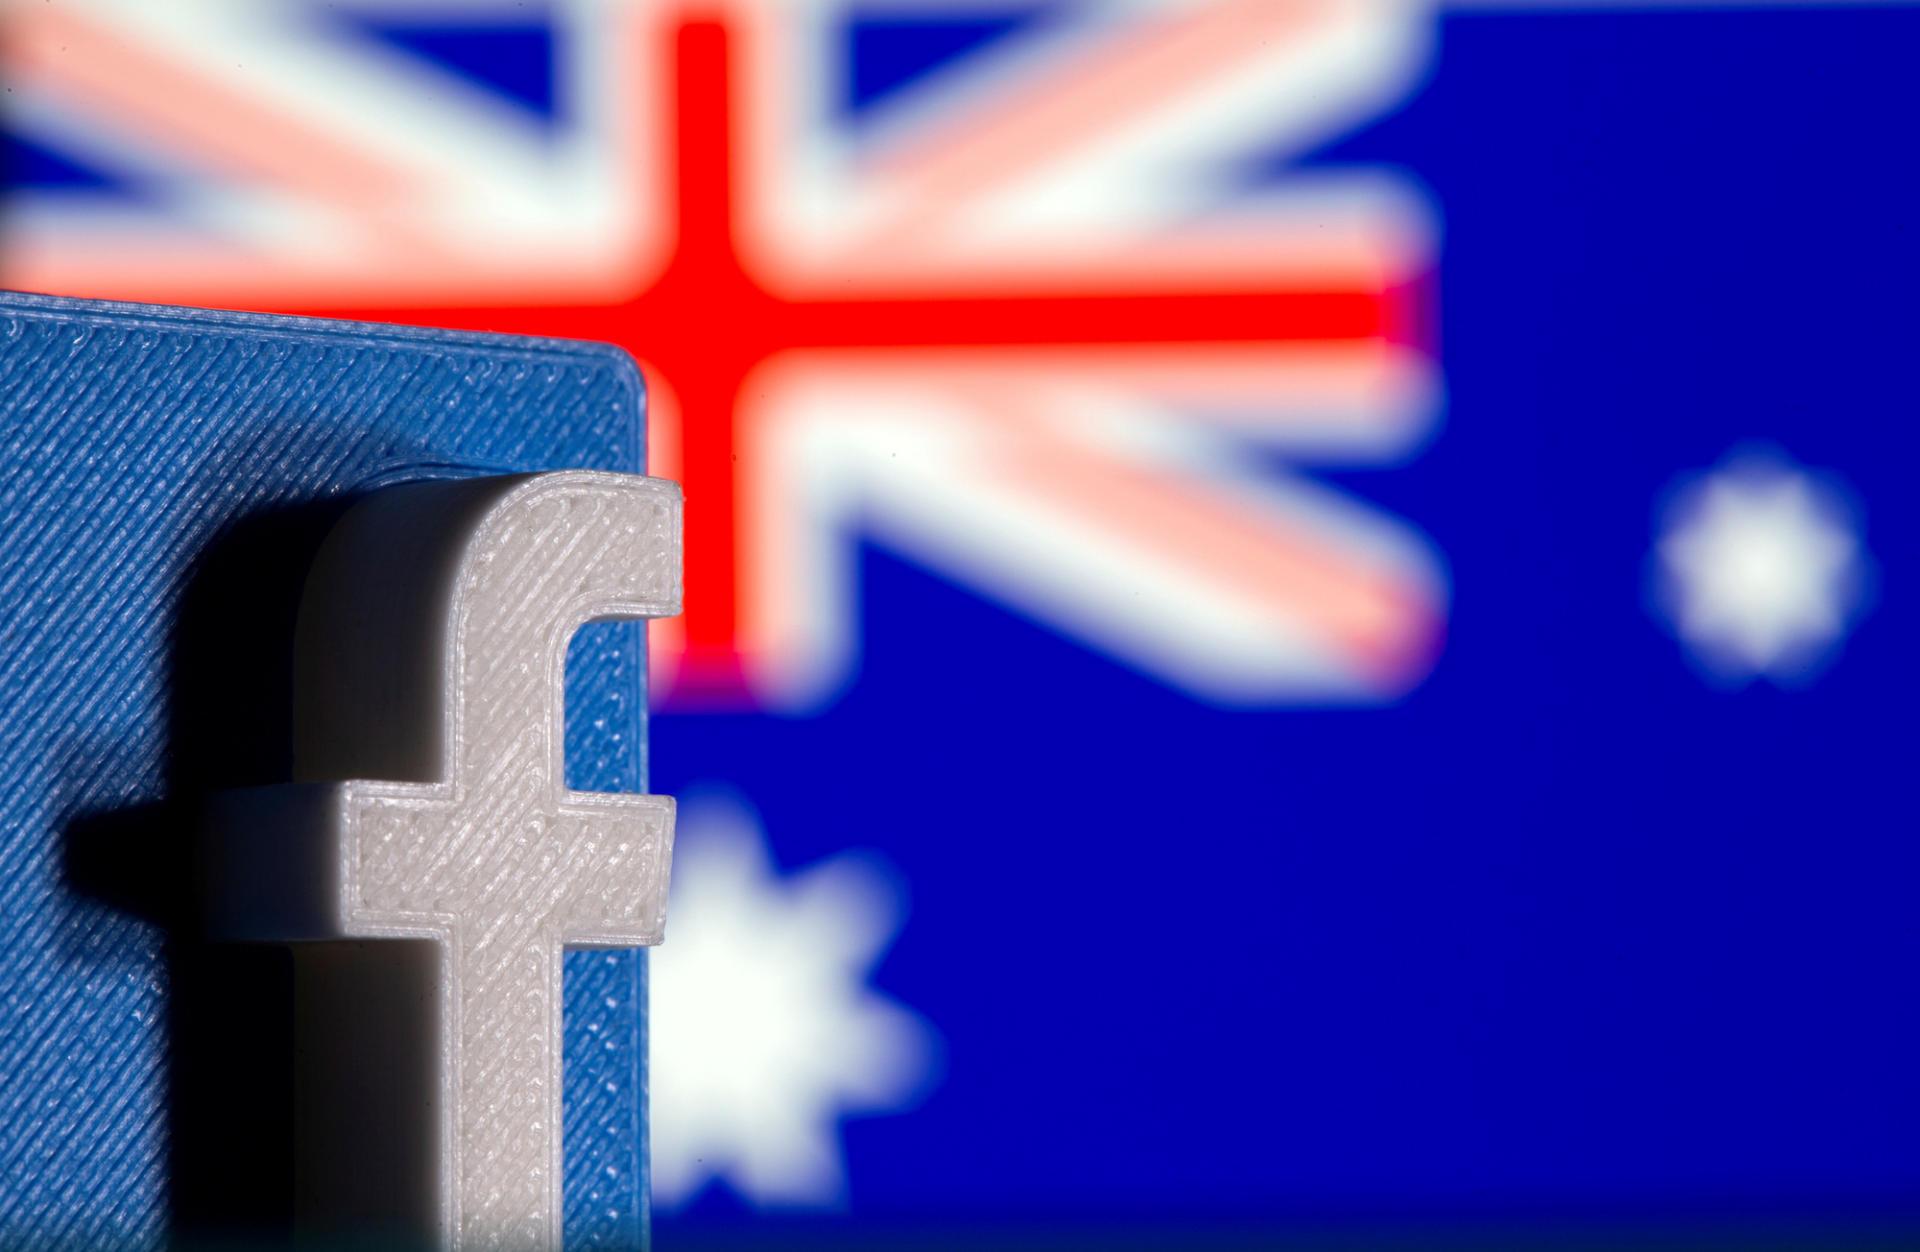 Phó chủ tịch Facebook: chuyện ở Úc chỉ là hiểu lầm về mối quan hệ